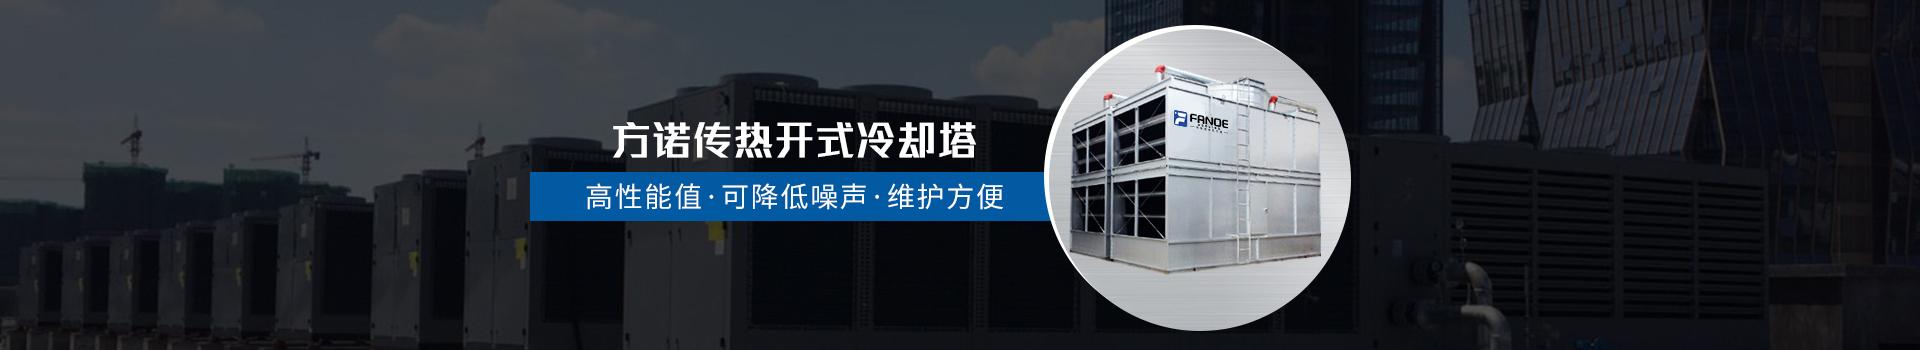 方诺开式冷却塔:高性能值、可降低噪声、维护方便